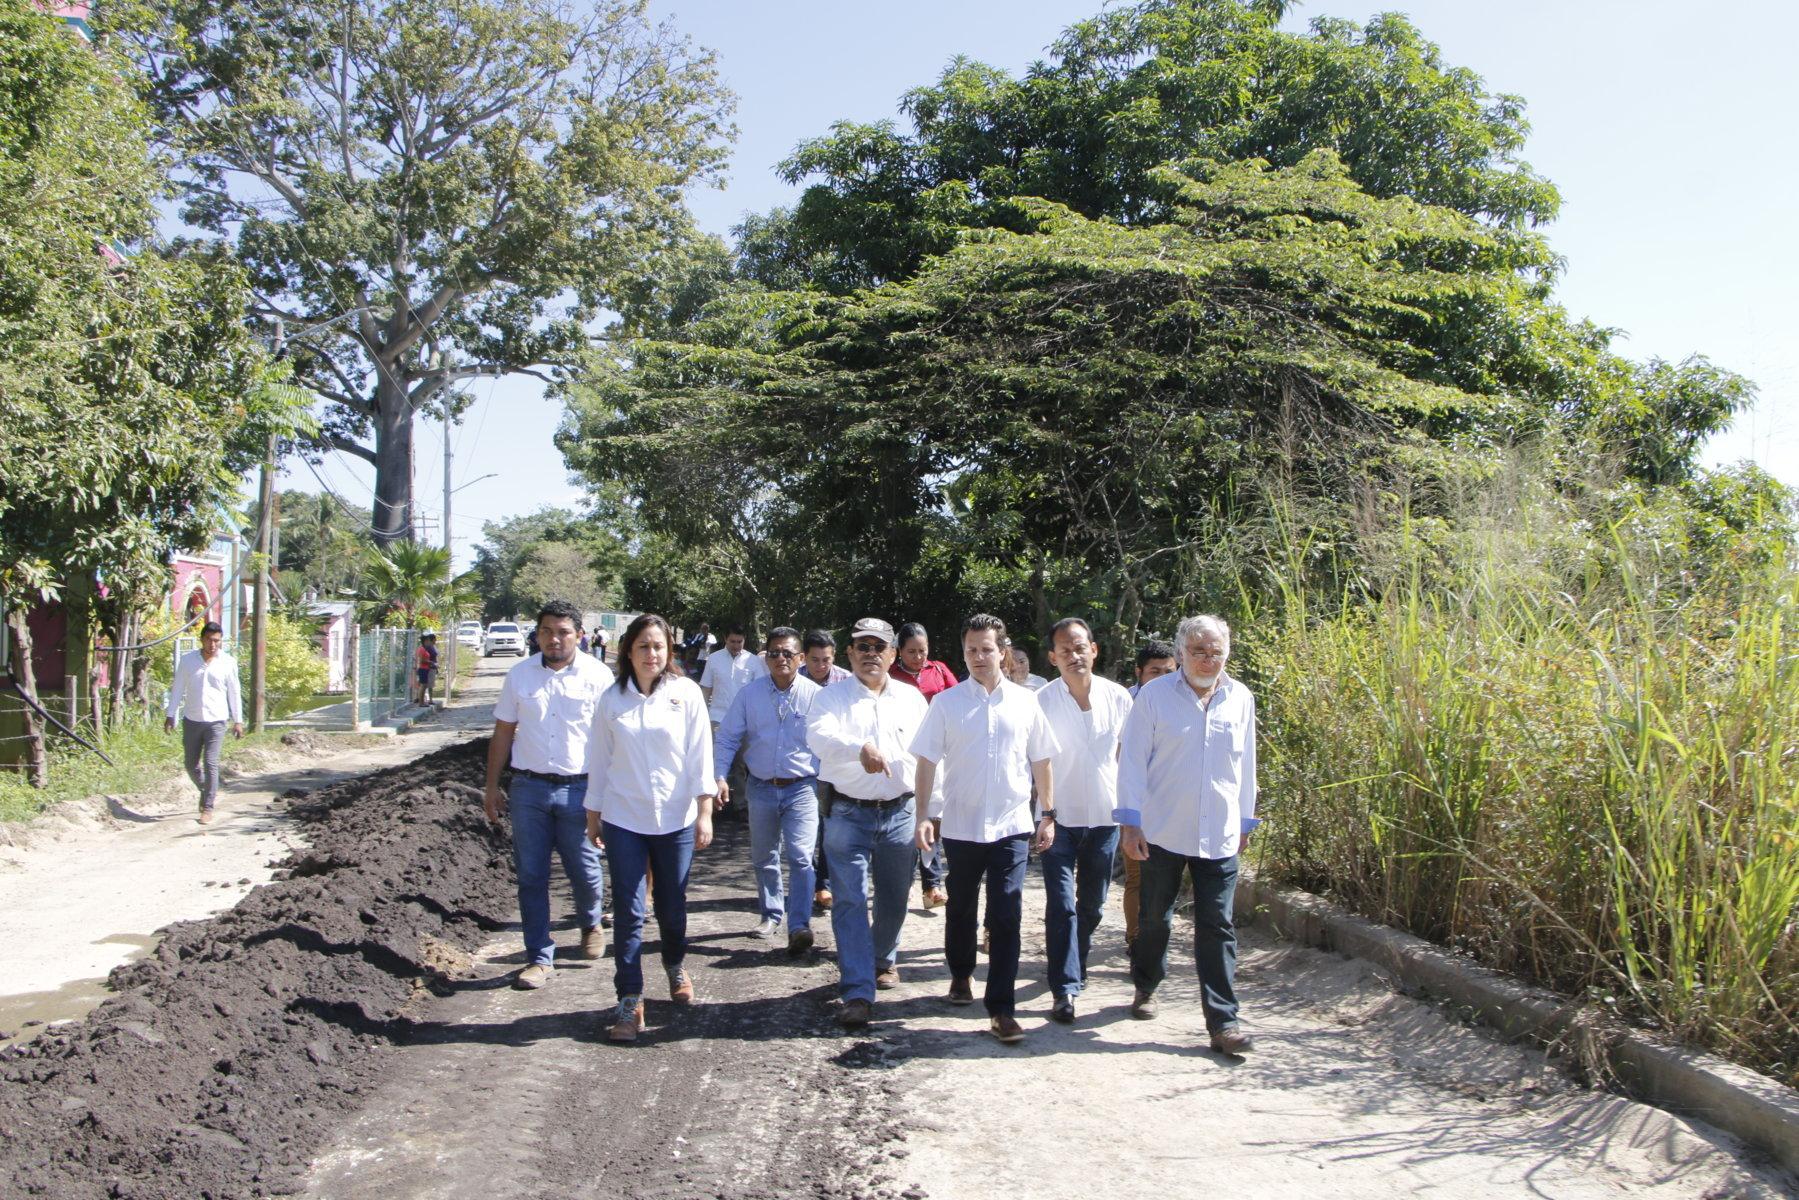 La Ra Trabajos Avanzan Emiliano Reconstrucción Del De Camino T1v7q